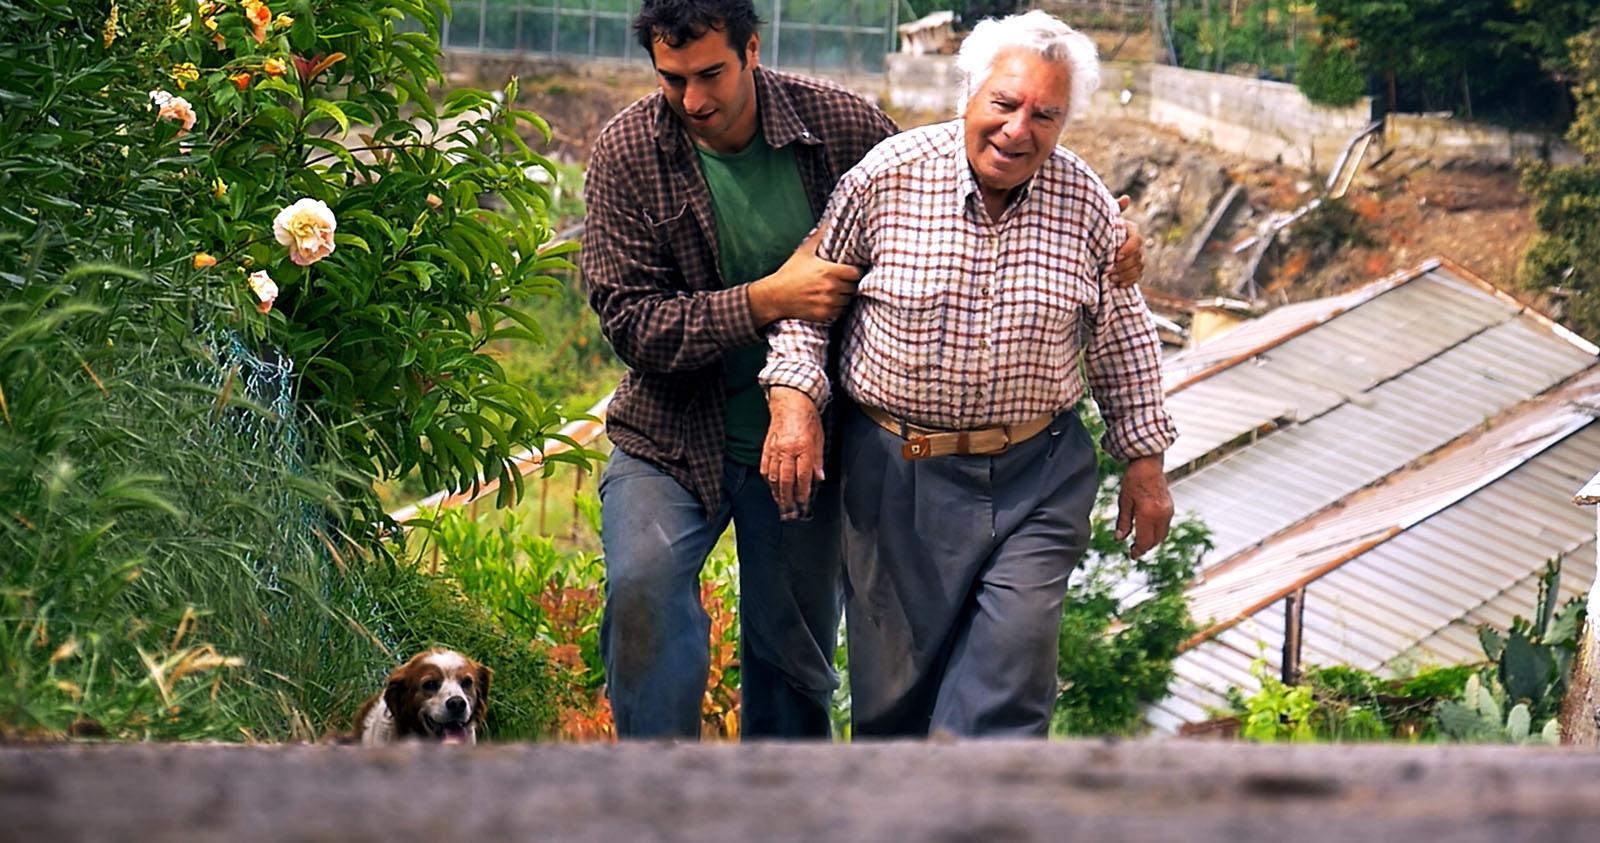 Büyükbabamın bahçesi - Sürdürülebilir Yaşam Film Festivali